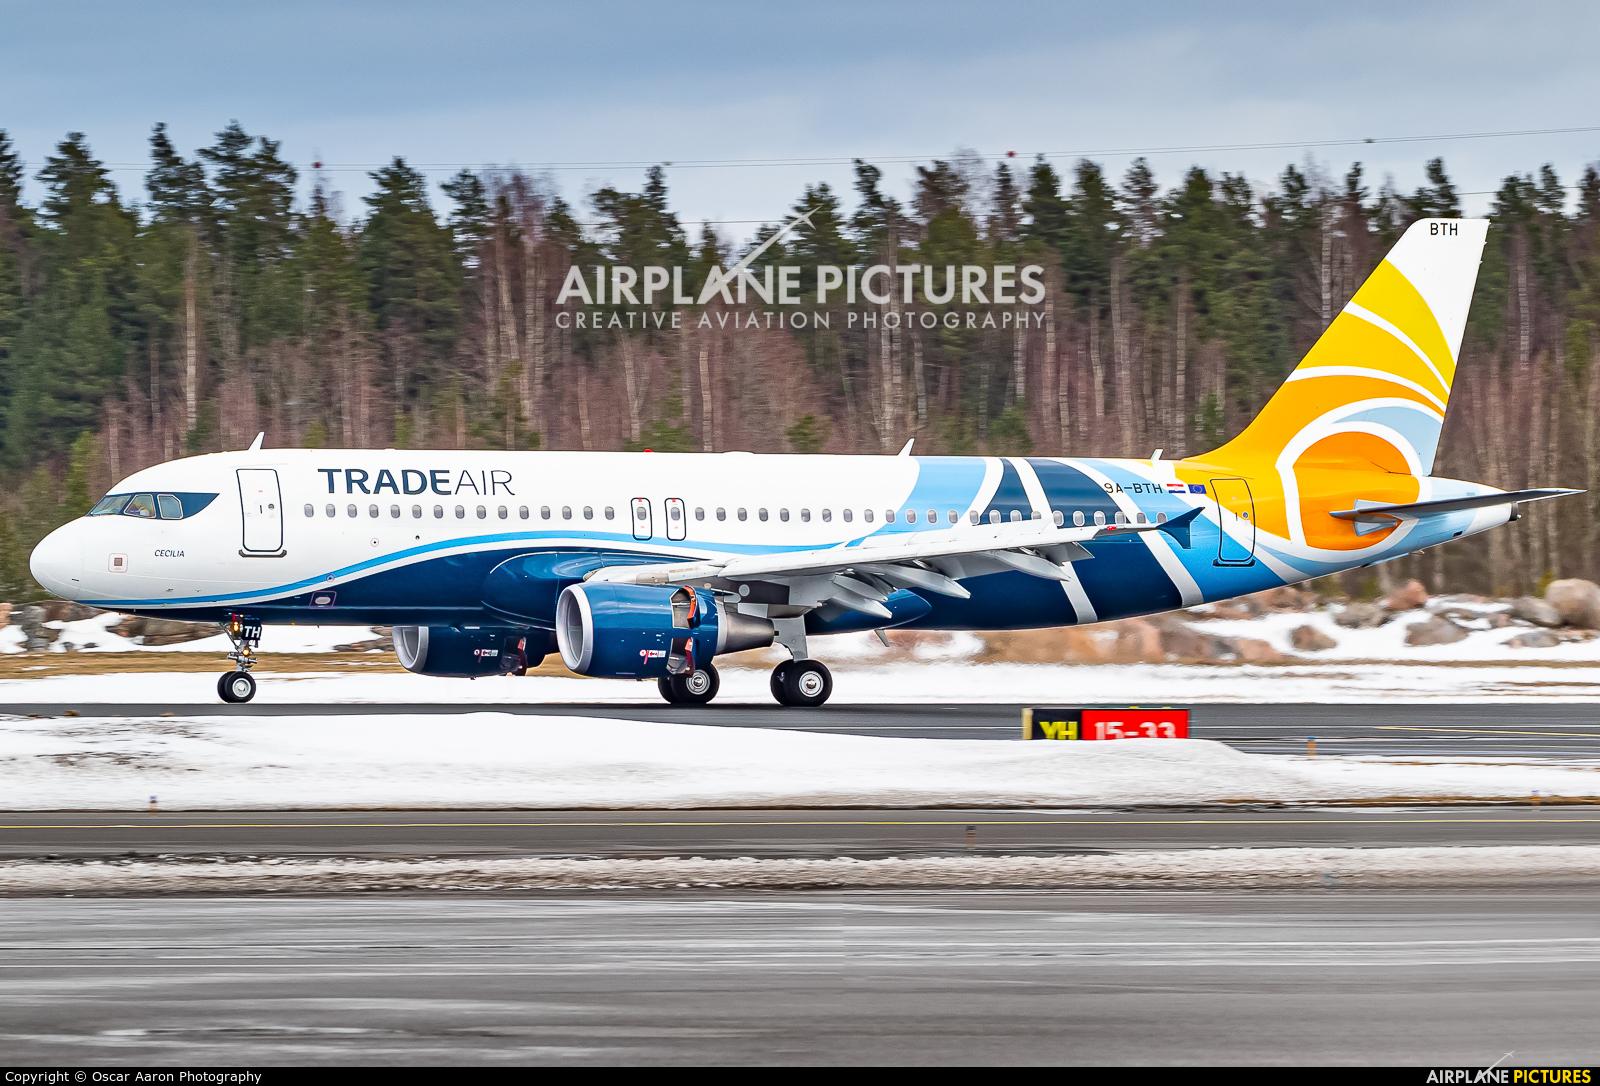 Trade Air 9A-BTH aircraft at Helsinki - Vantaa